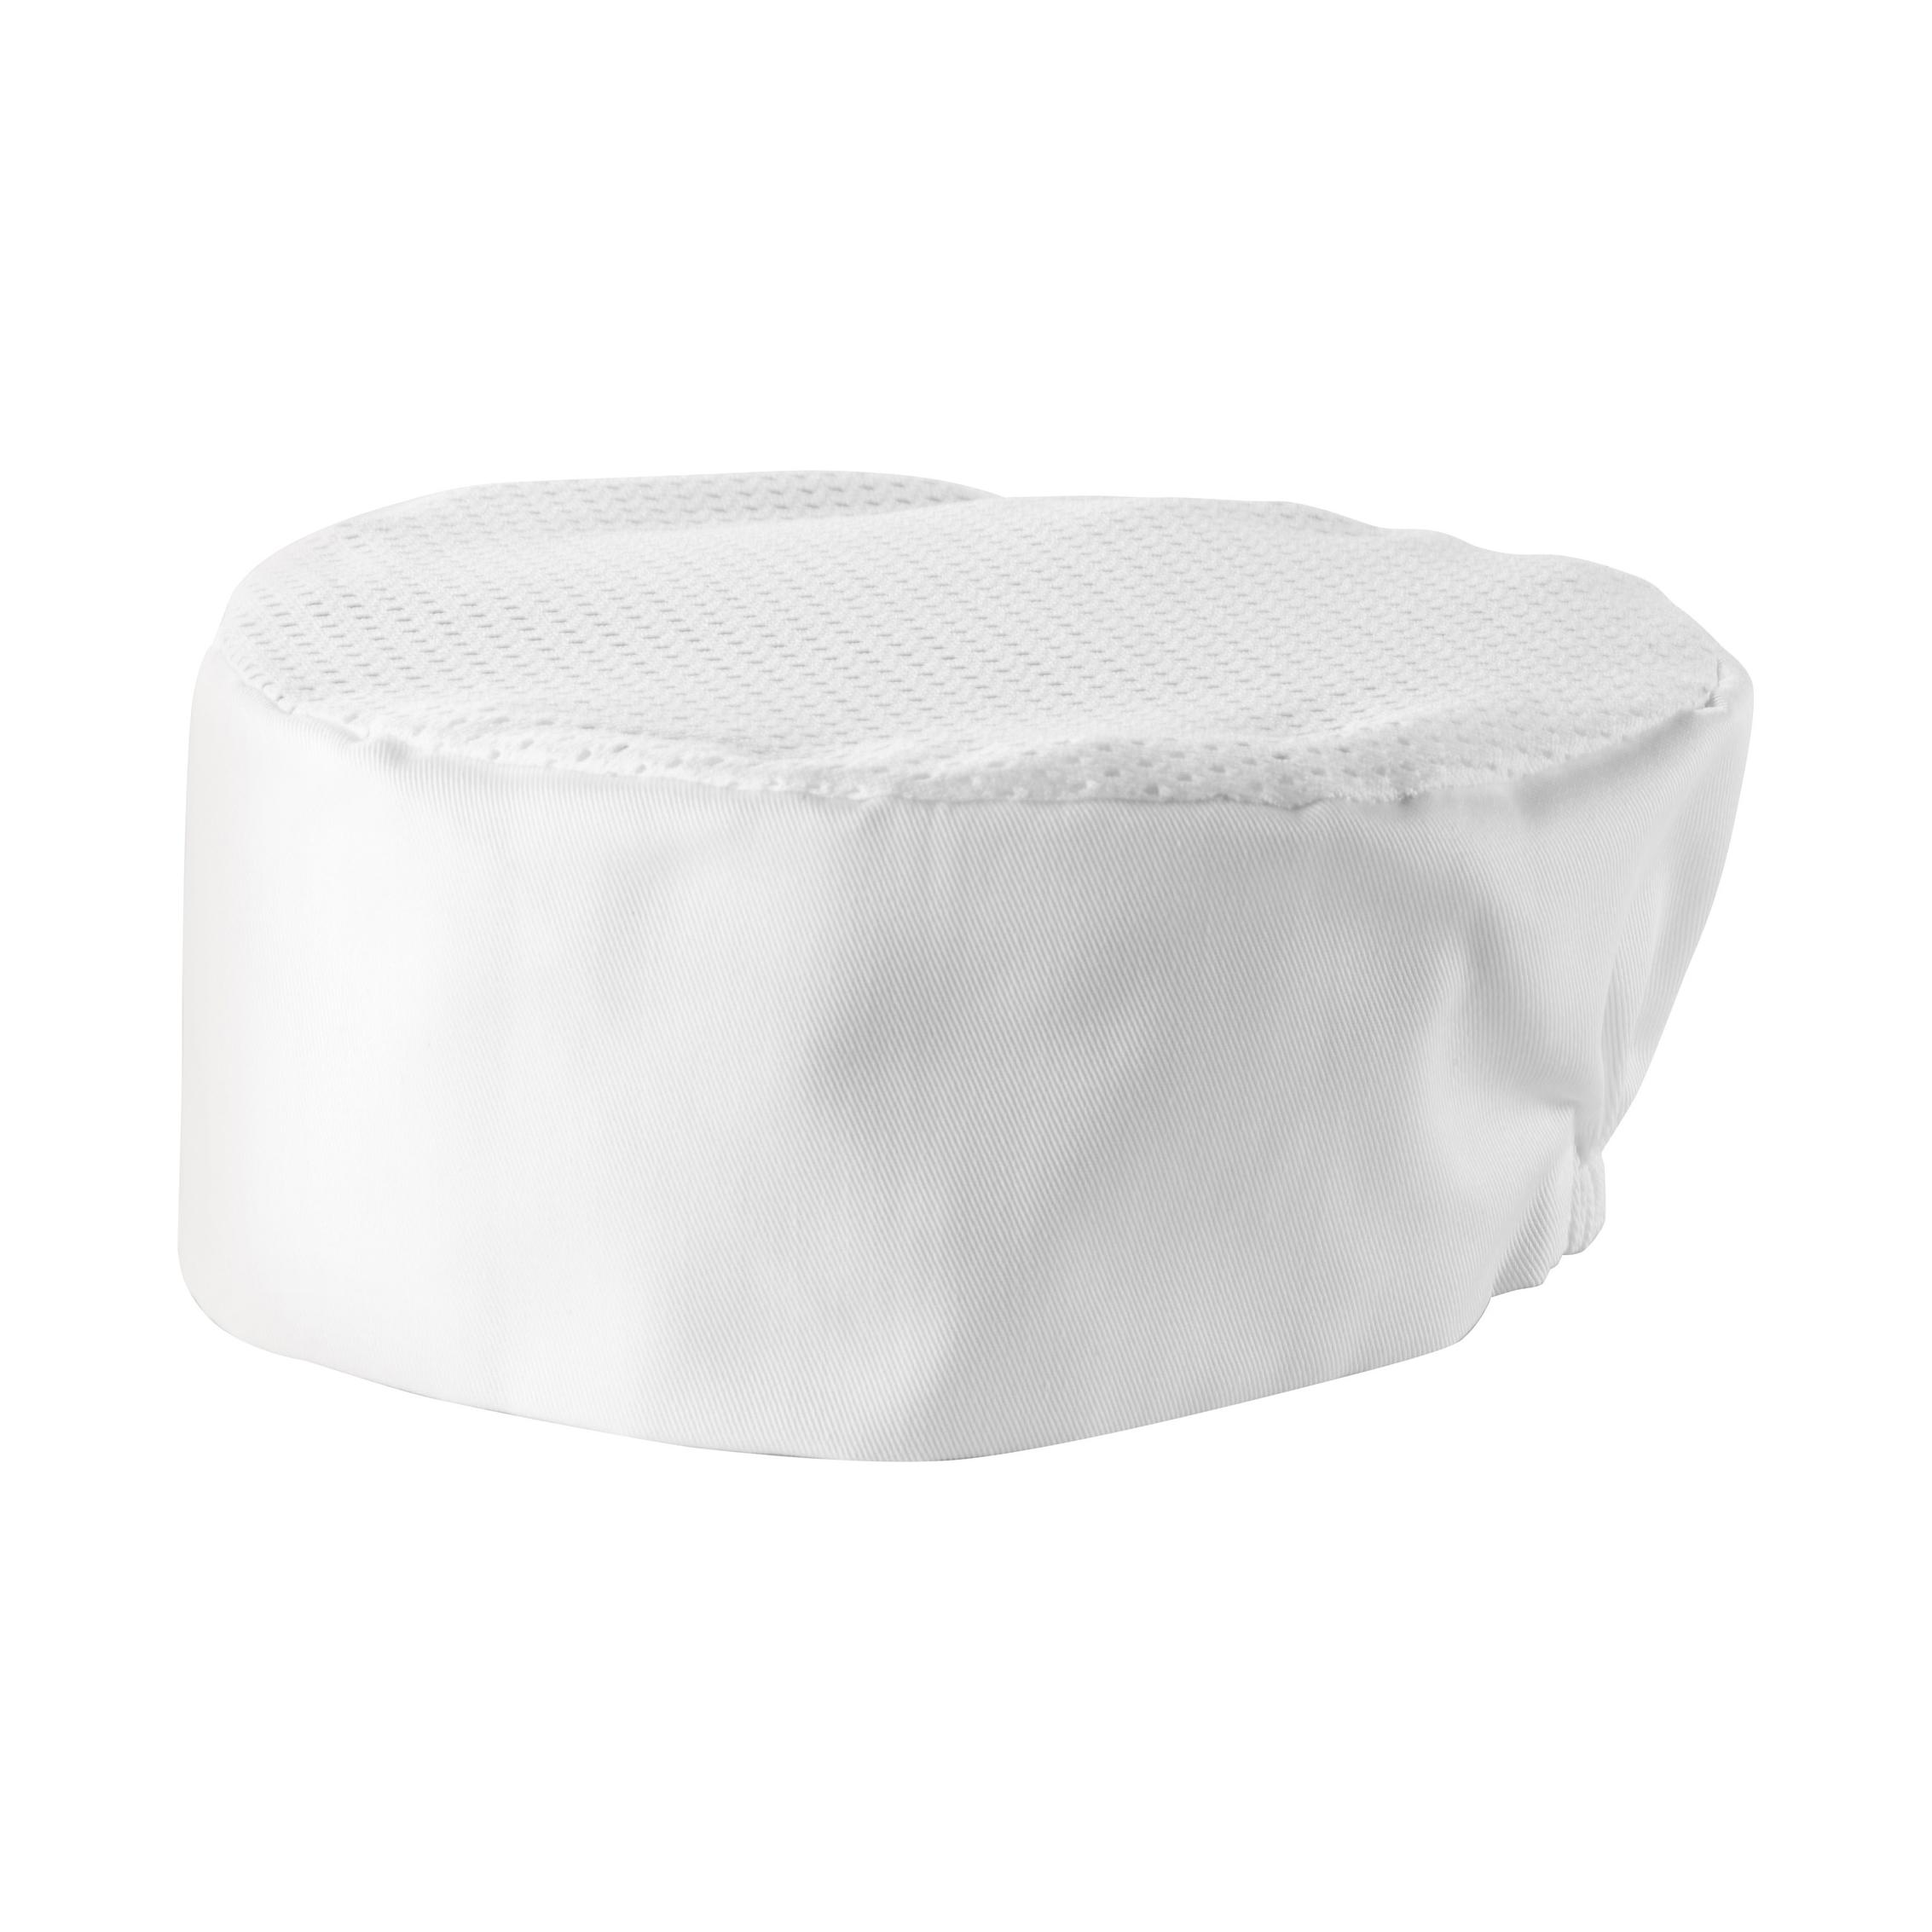 Winco CHPB-3WR chef's hat